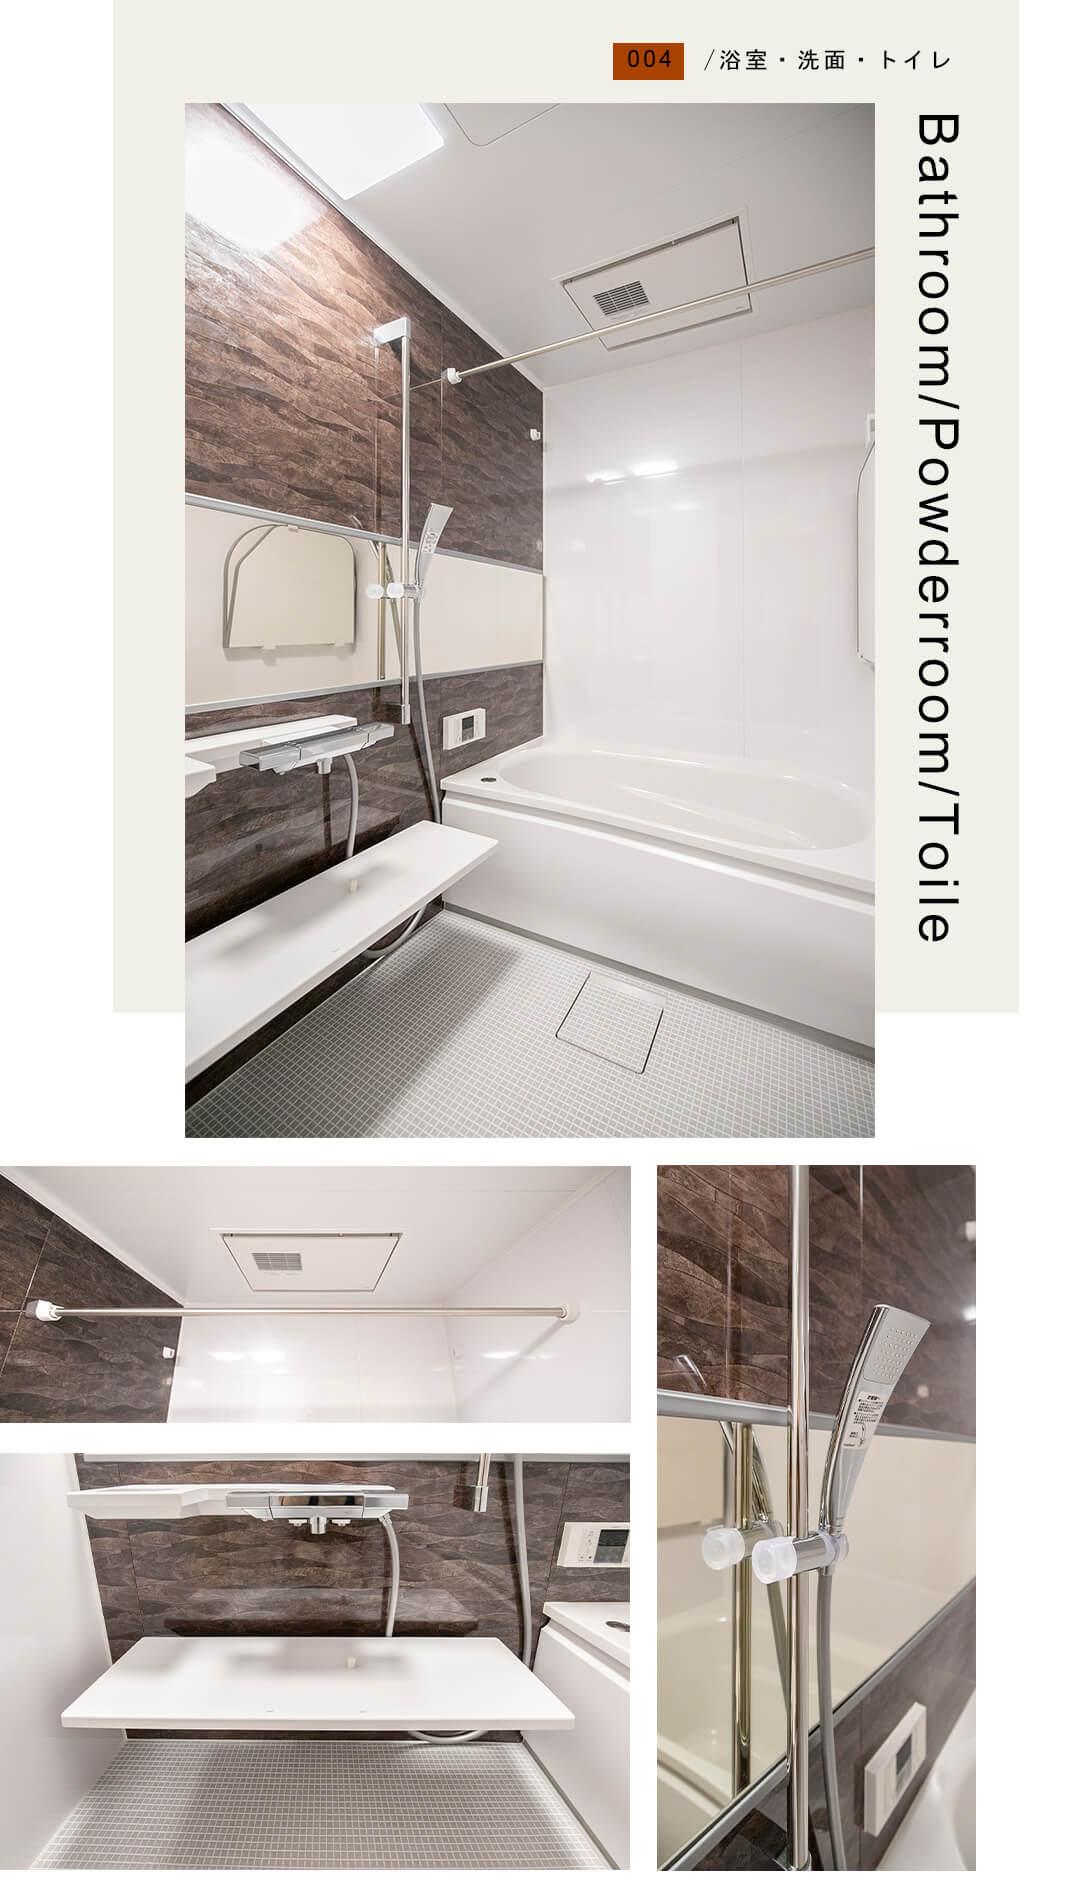 004浴室,洗面,トイレ,Bathroom,Powderroom,Toile